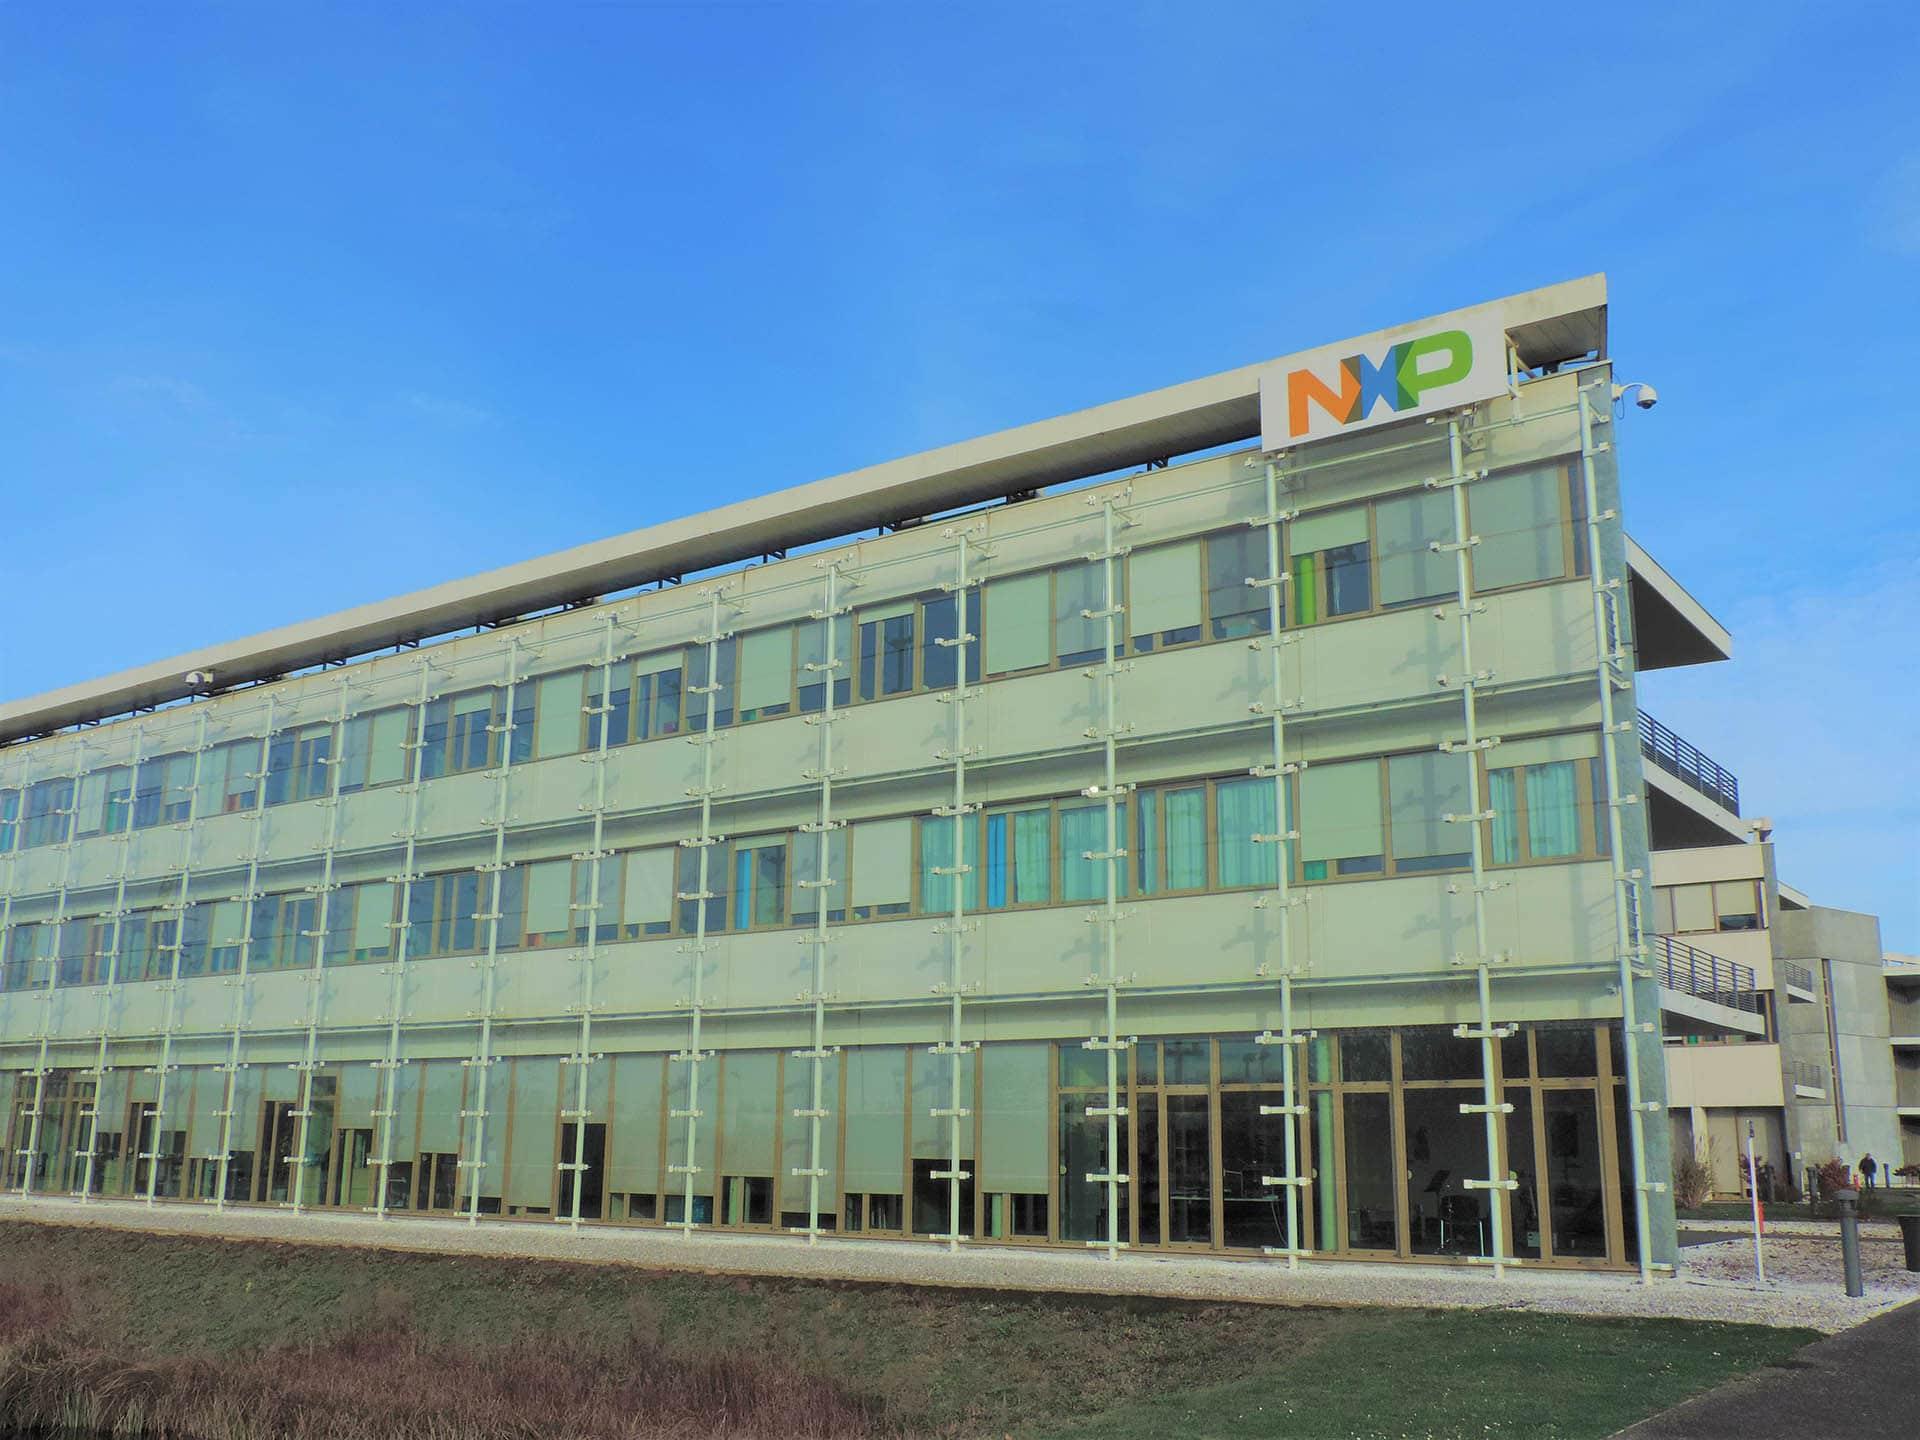 Façade du bâtiment NXP